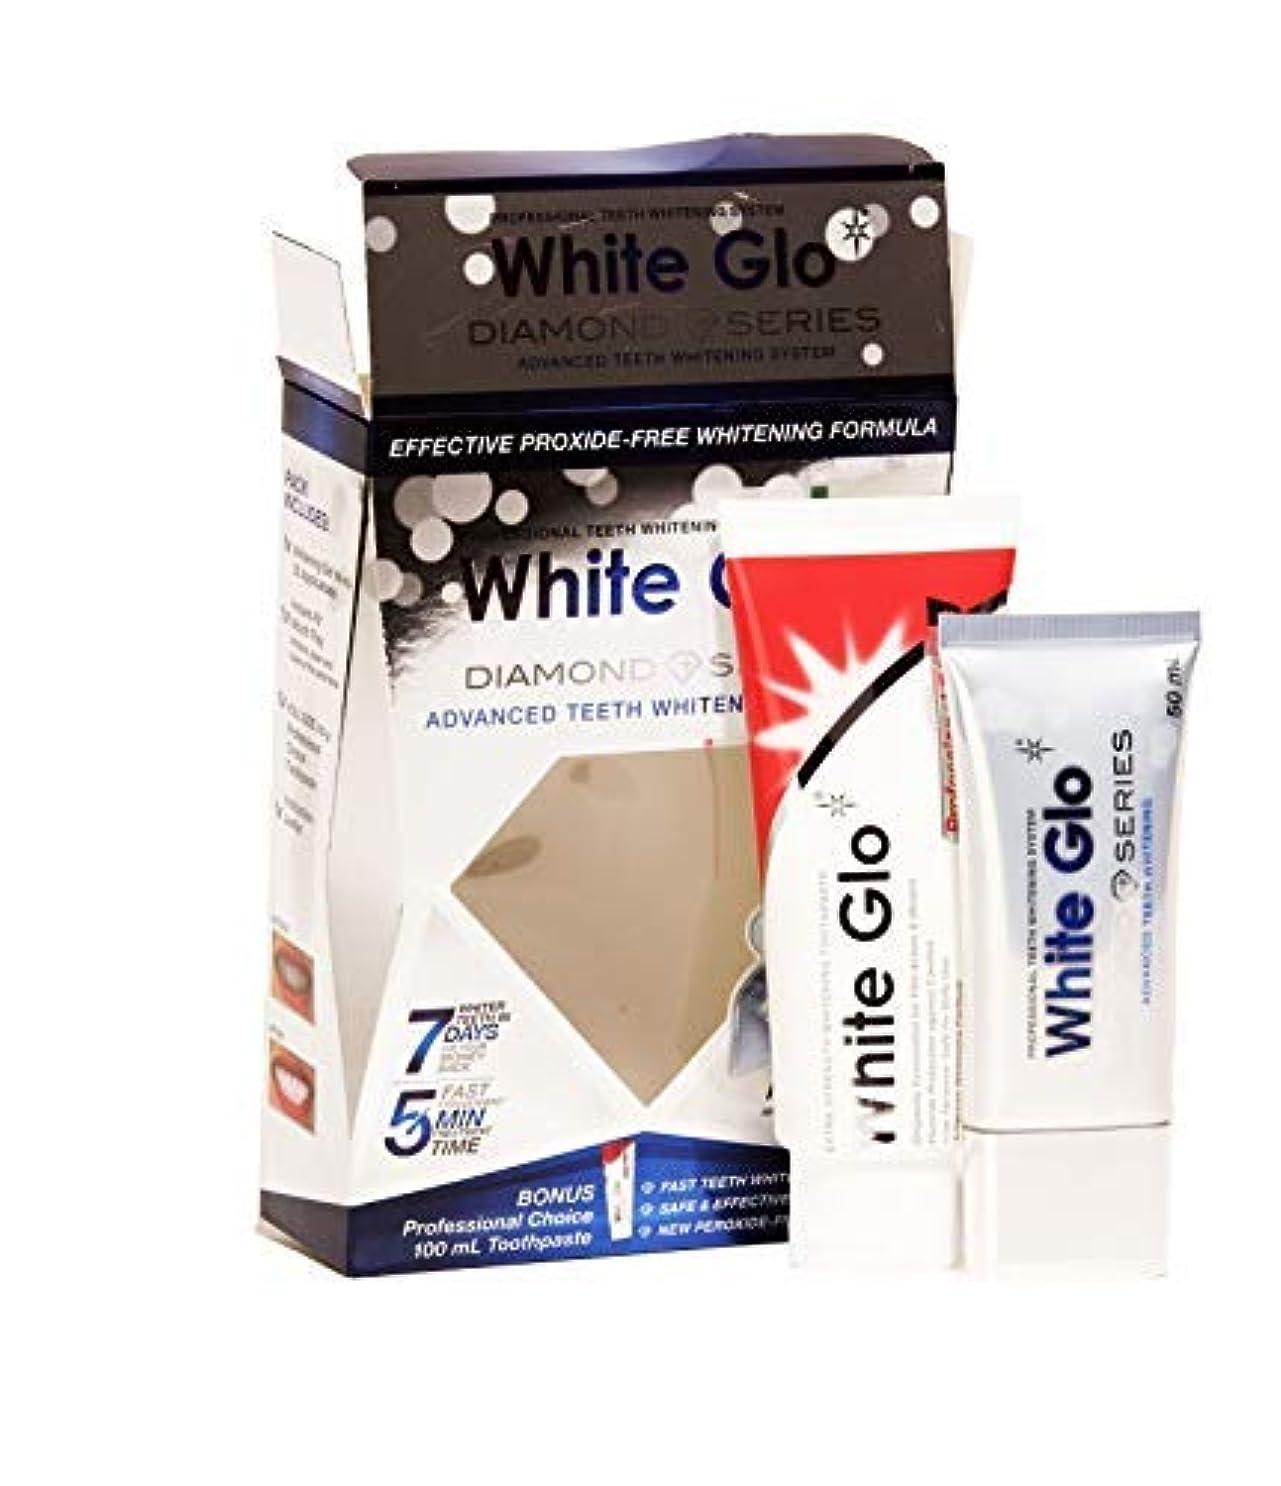 グロースポンサー航海のTeeth Whitening Systems White Glo White Glo Diamond Series Bleaching Set Gel & Paste 50ml + 100ml Australia /...